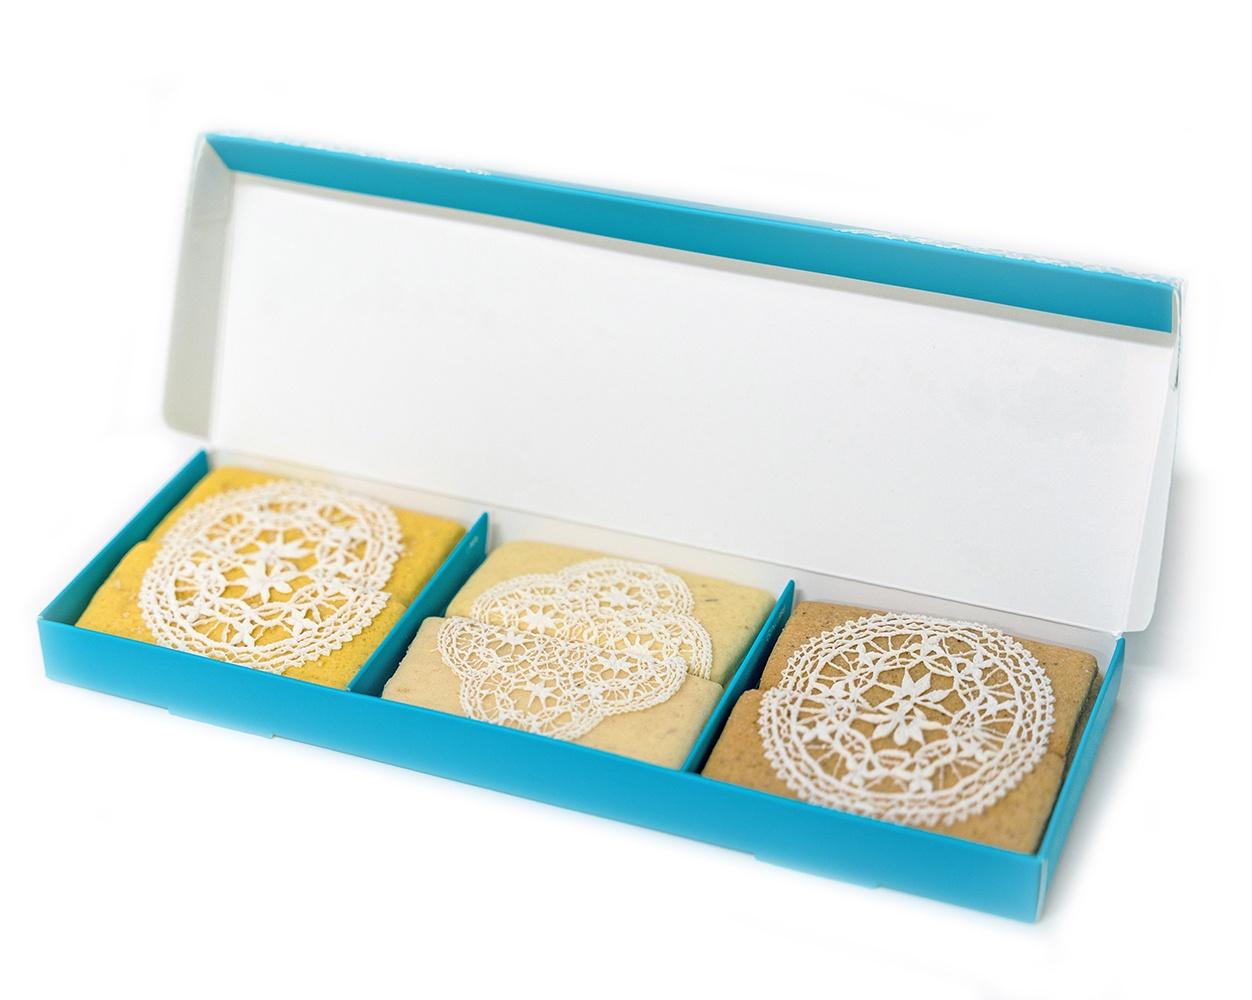 1-rendas-doces-especialidades-pastelaria-entrega-casa-cale-confeitaria-tradicional-portuguesa-peniche-caldas-rainha-padaria-pastelaria